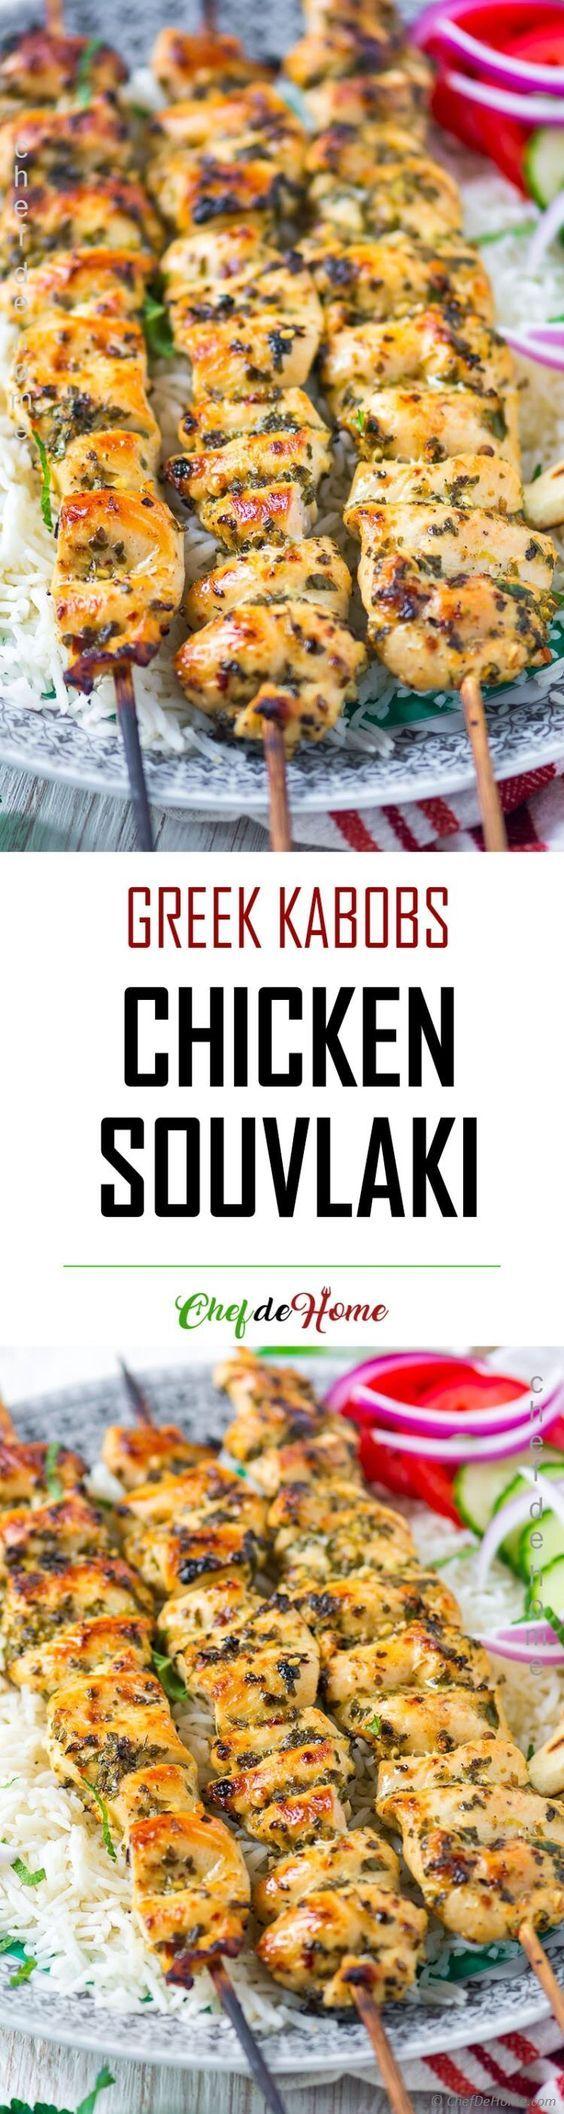 Chicken Souvlaki - Grilled Greek Chicken kabobs marinated in flavorful oregano, garlic marinade!